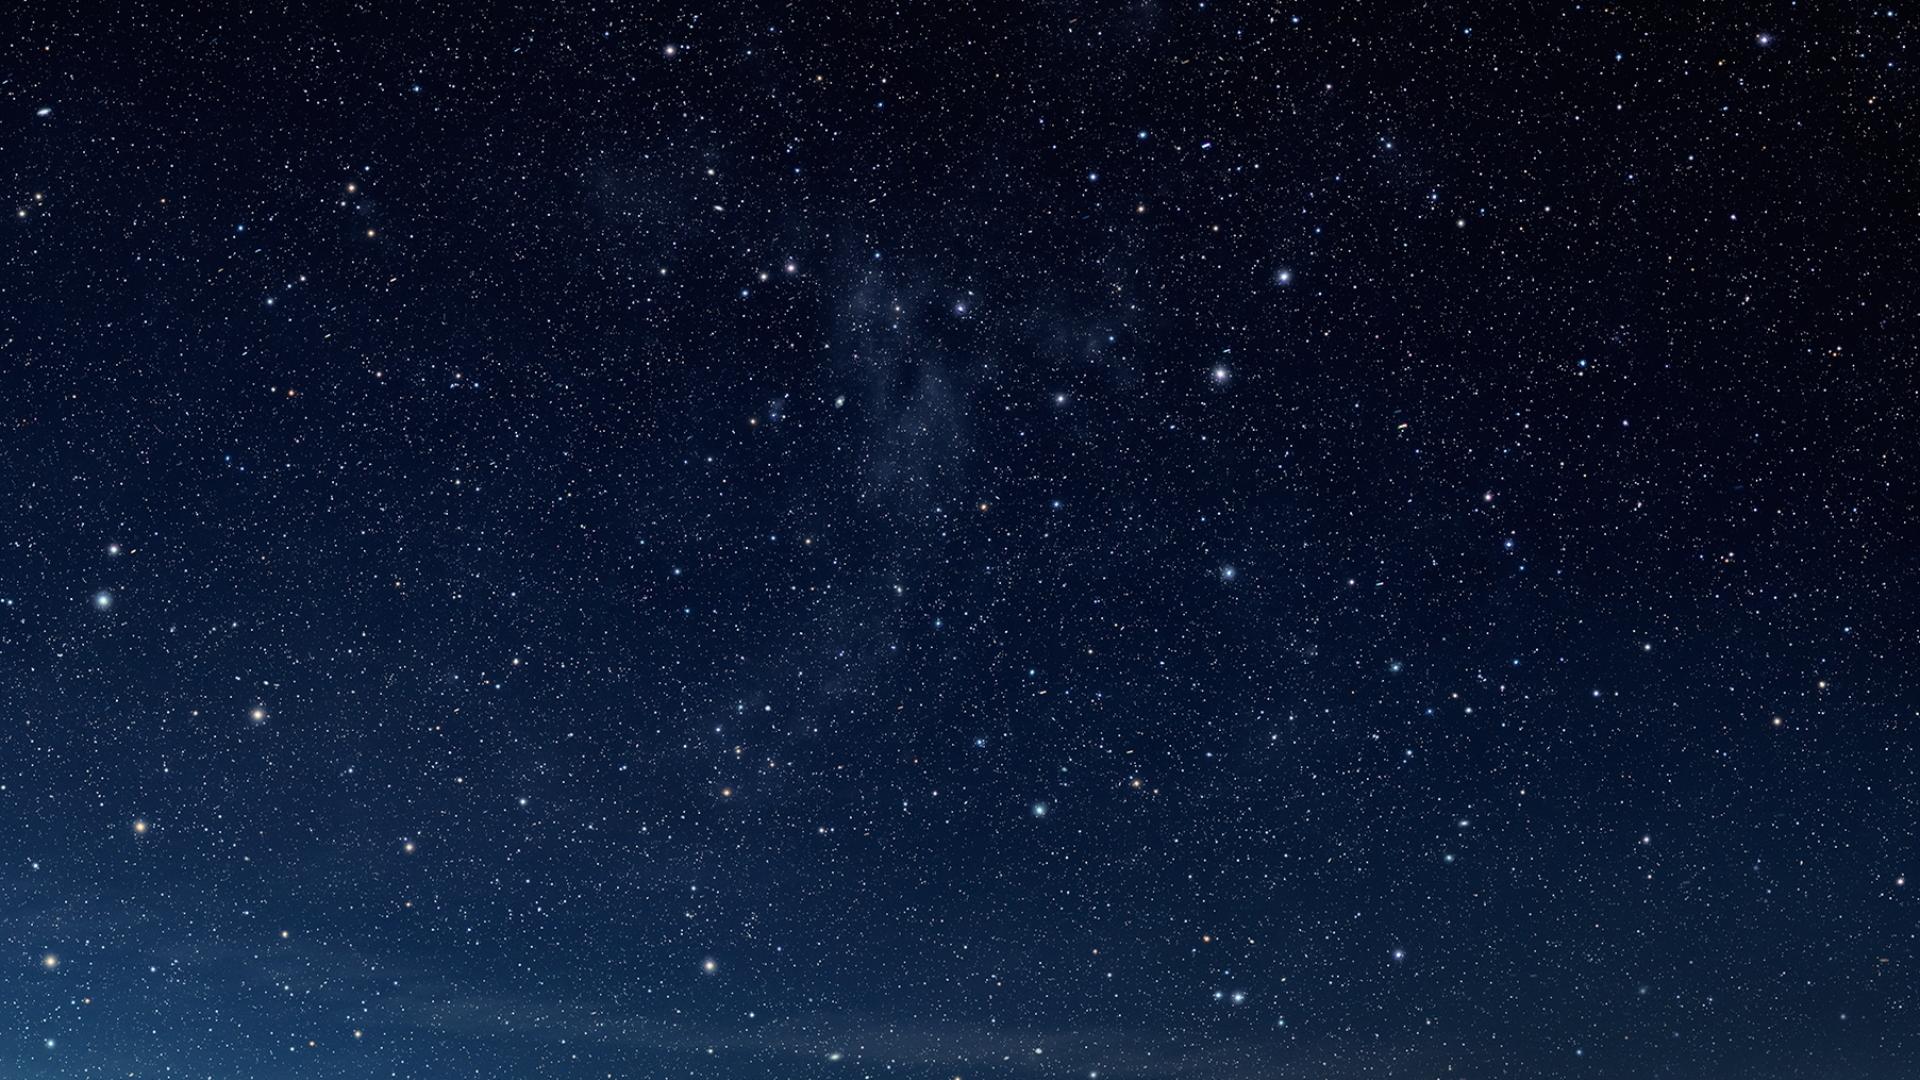 صور نجوم Hd احلي صور النجوم في السماء ميكساتك